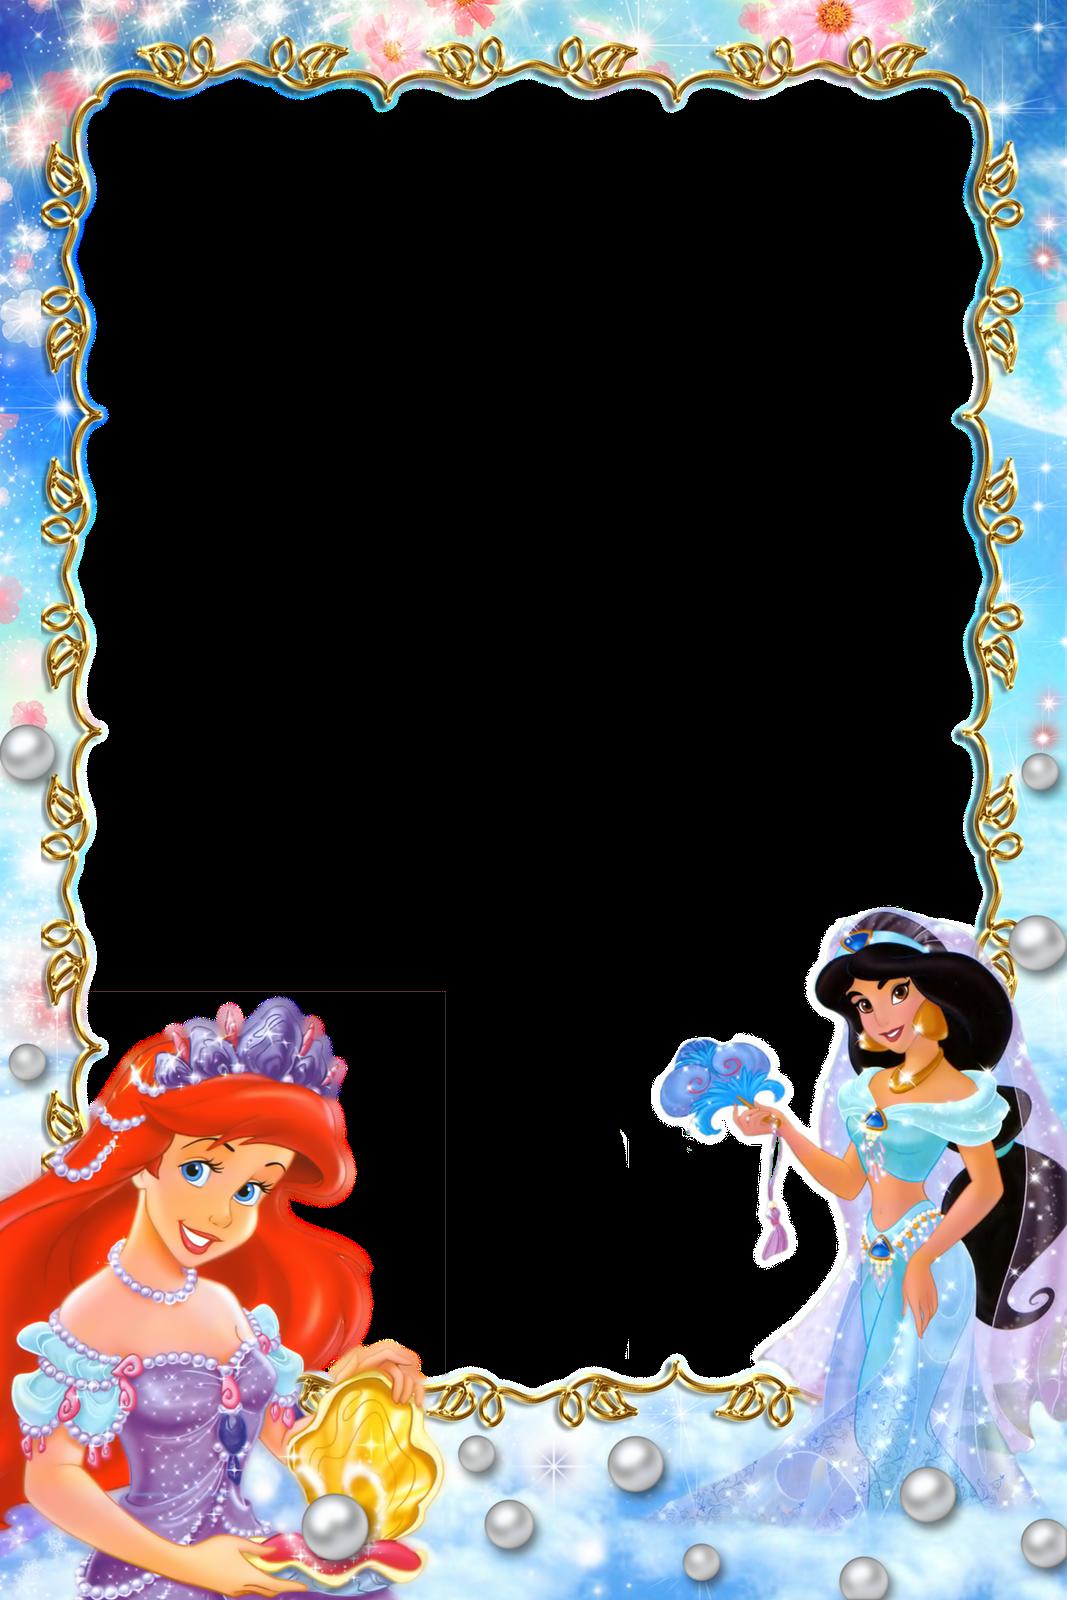 imagens para photoshop princesas disney frames png